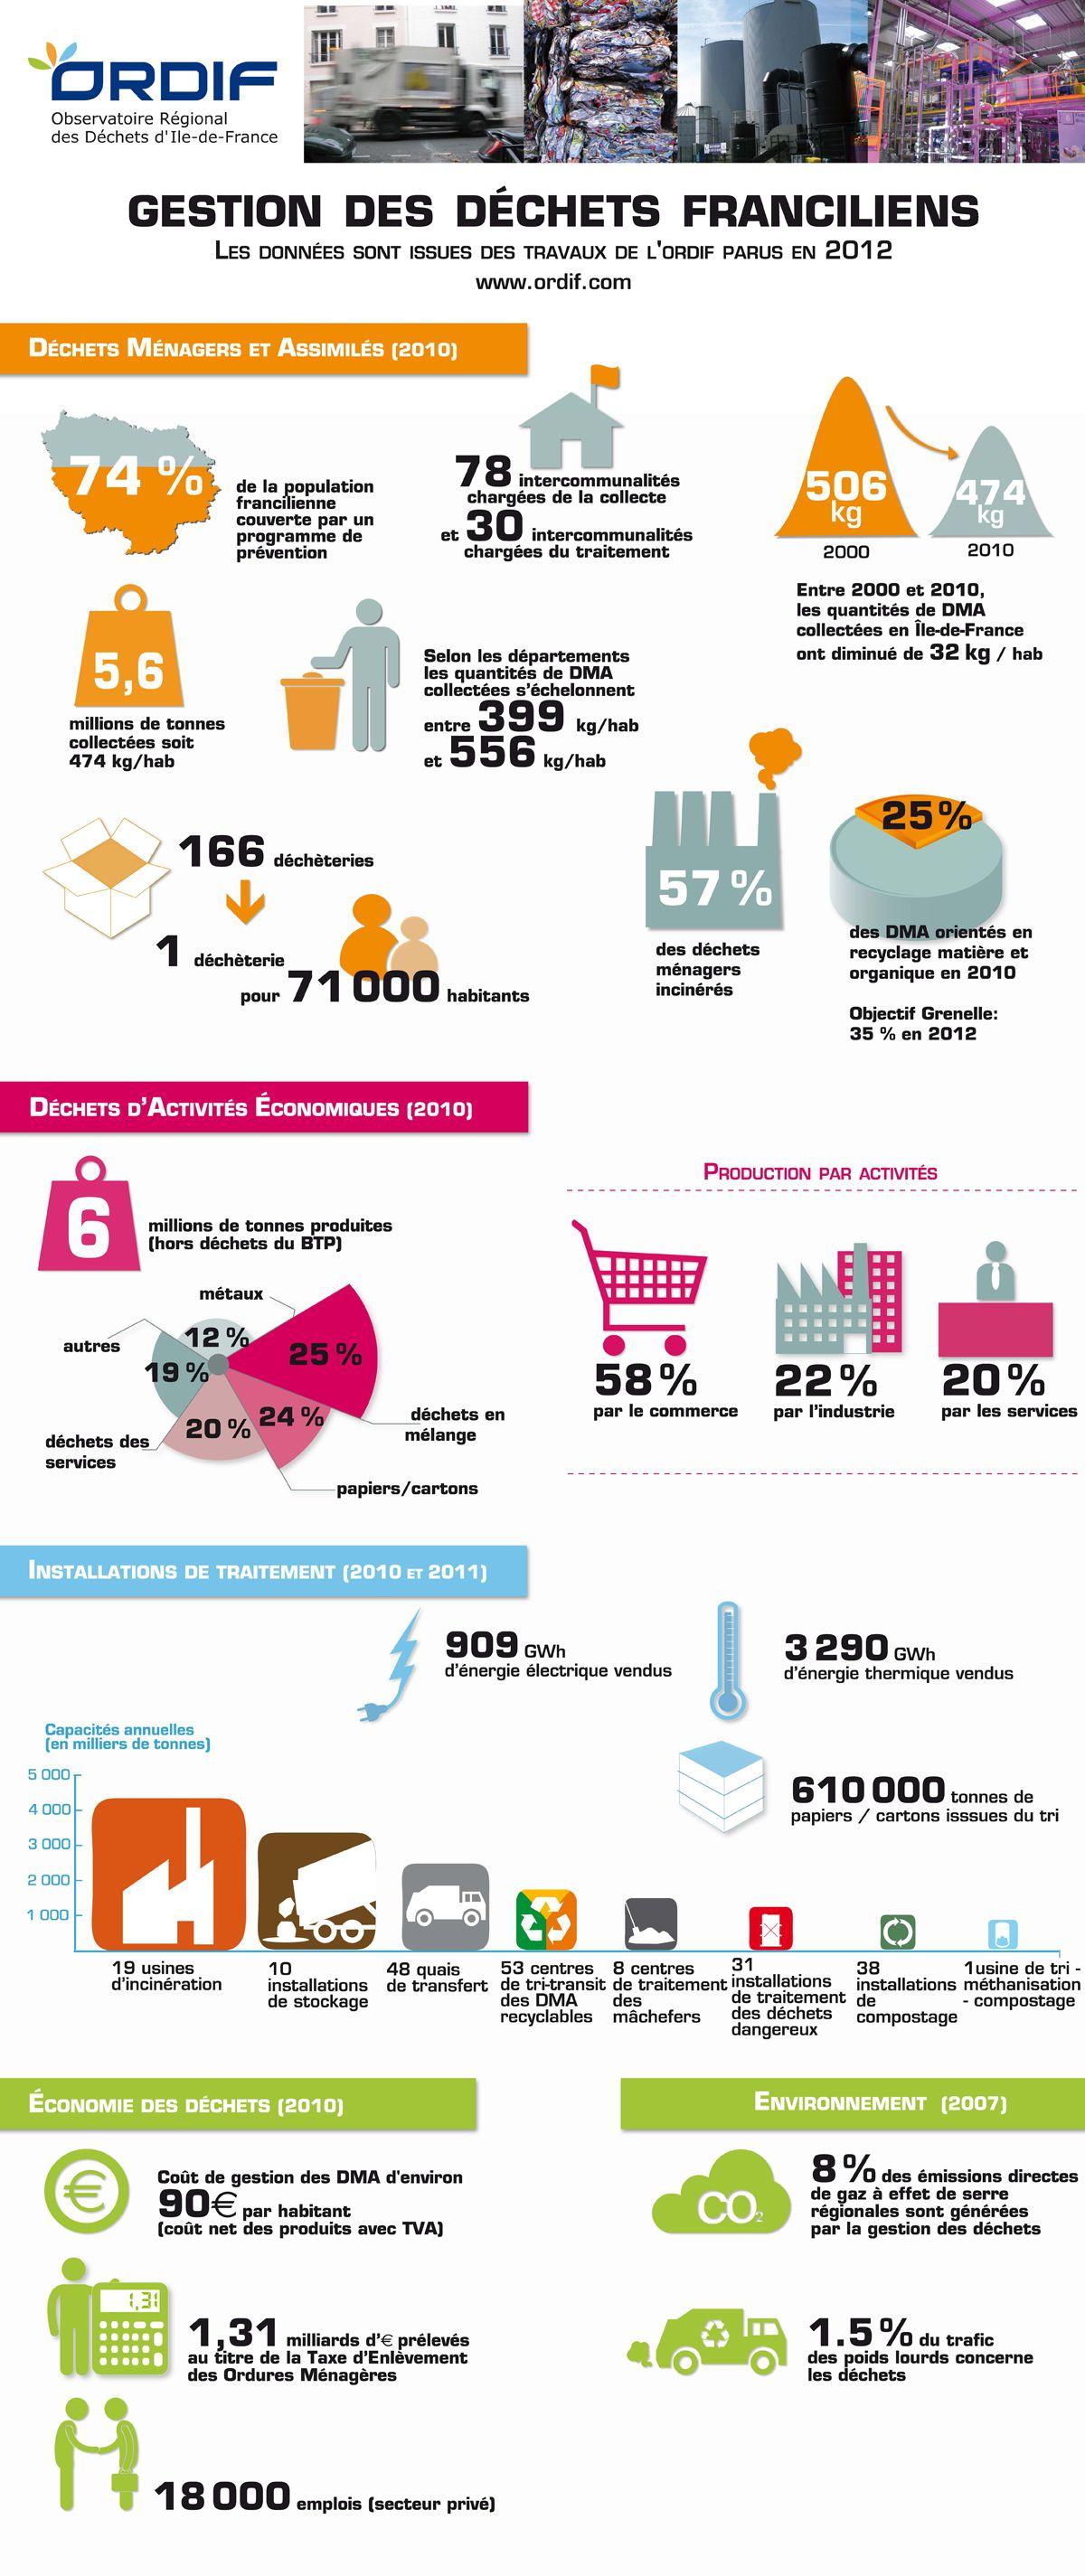 Infographies Ordif Infographie Gestion Des Dechets Developpement Durable